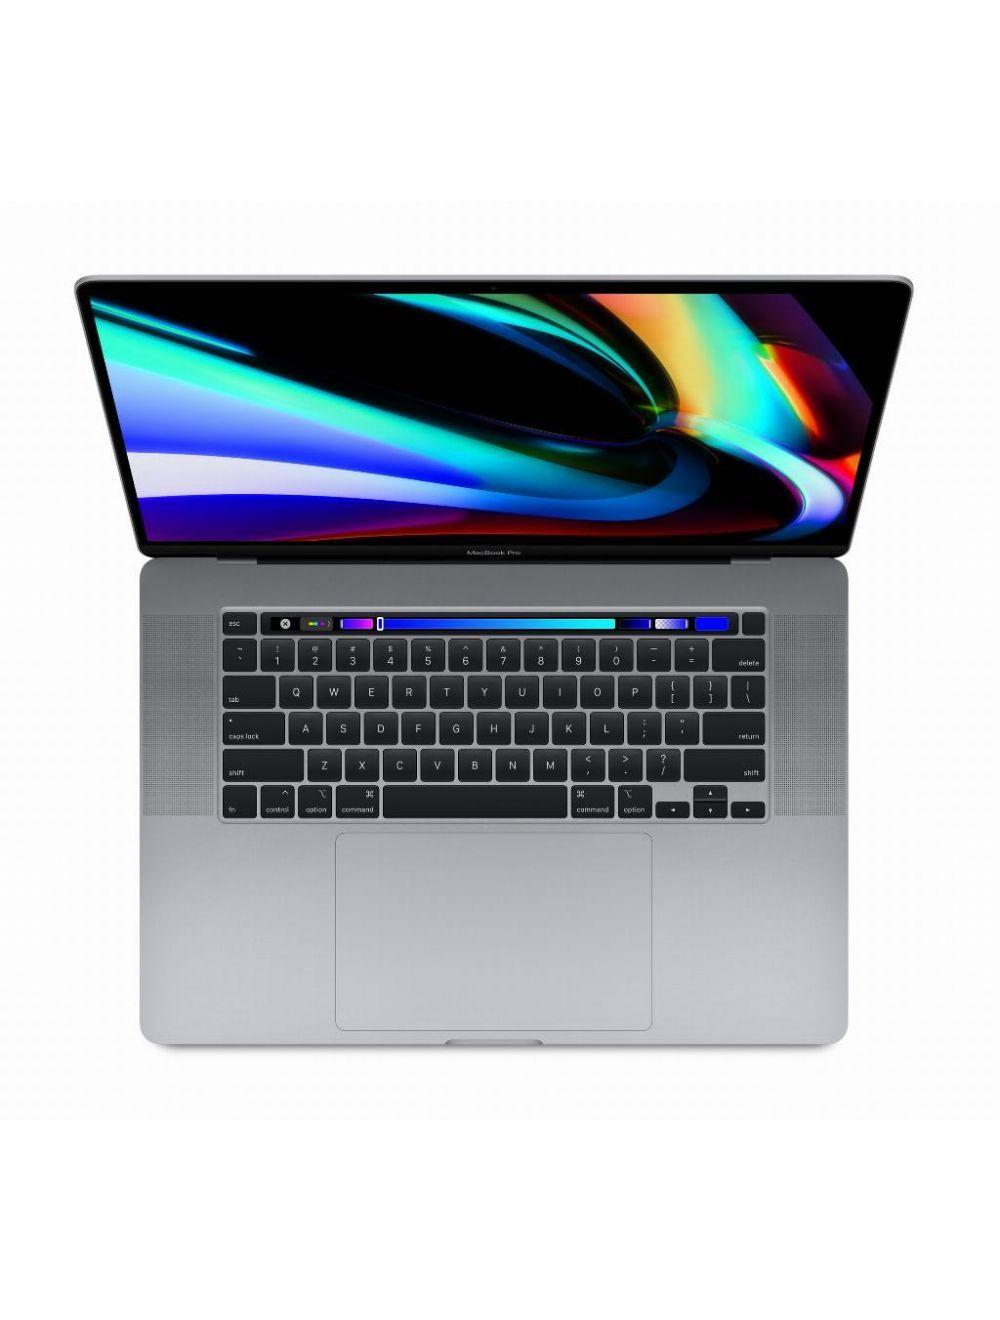 Laptop bäst i test